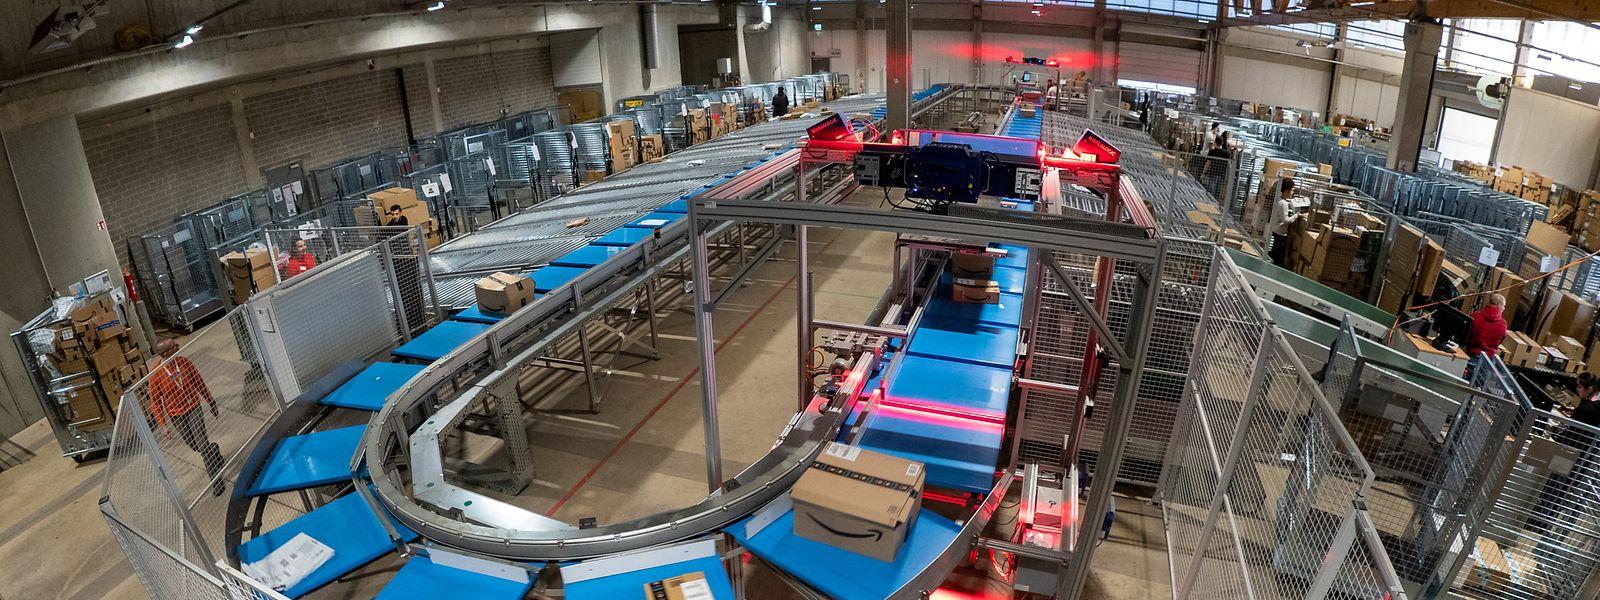 Le nouveau système de tri permet de faire face au grand nombre de colis dans la période précédant Noël, car de nombreux processus sont automatisés.